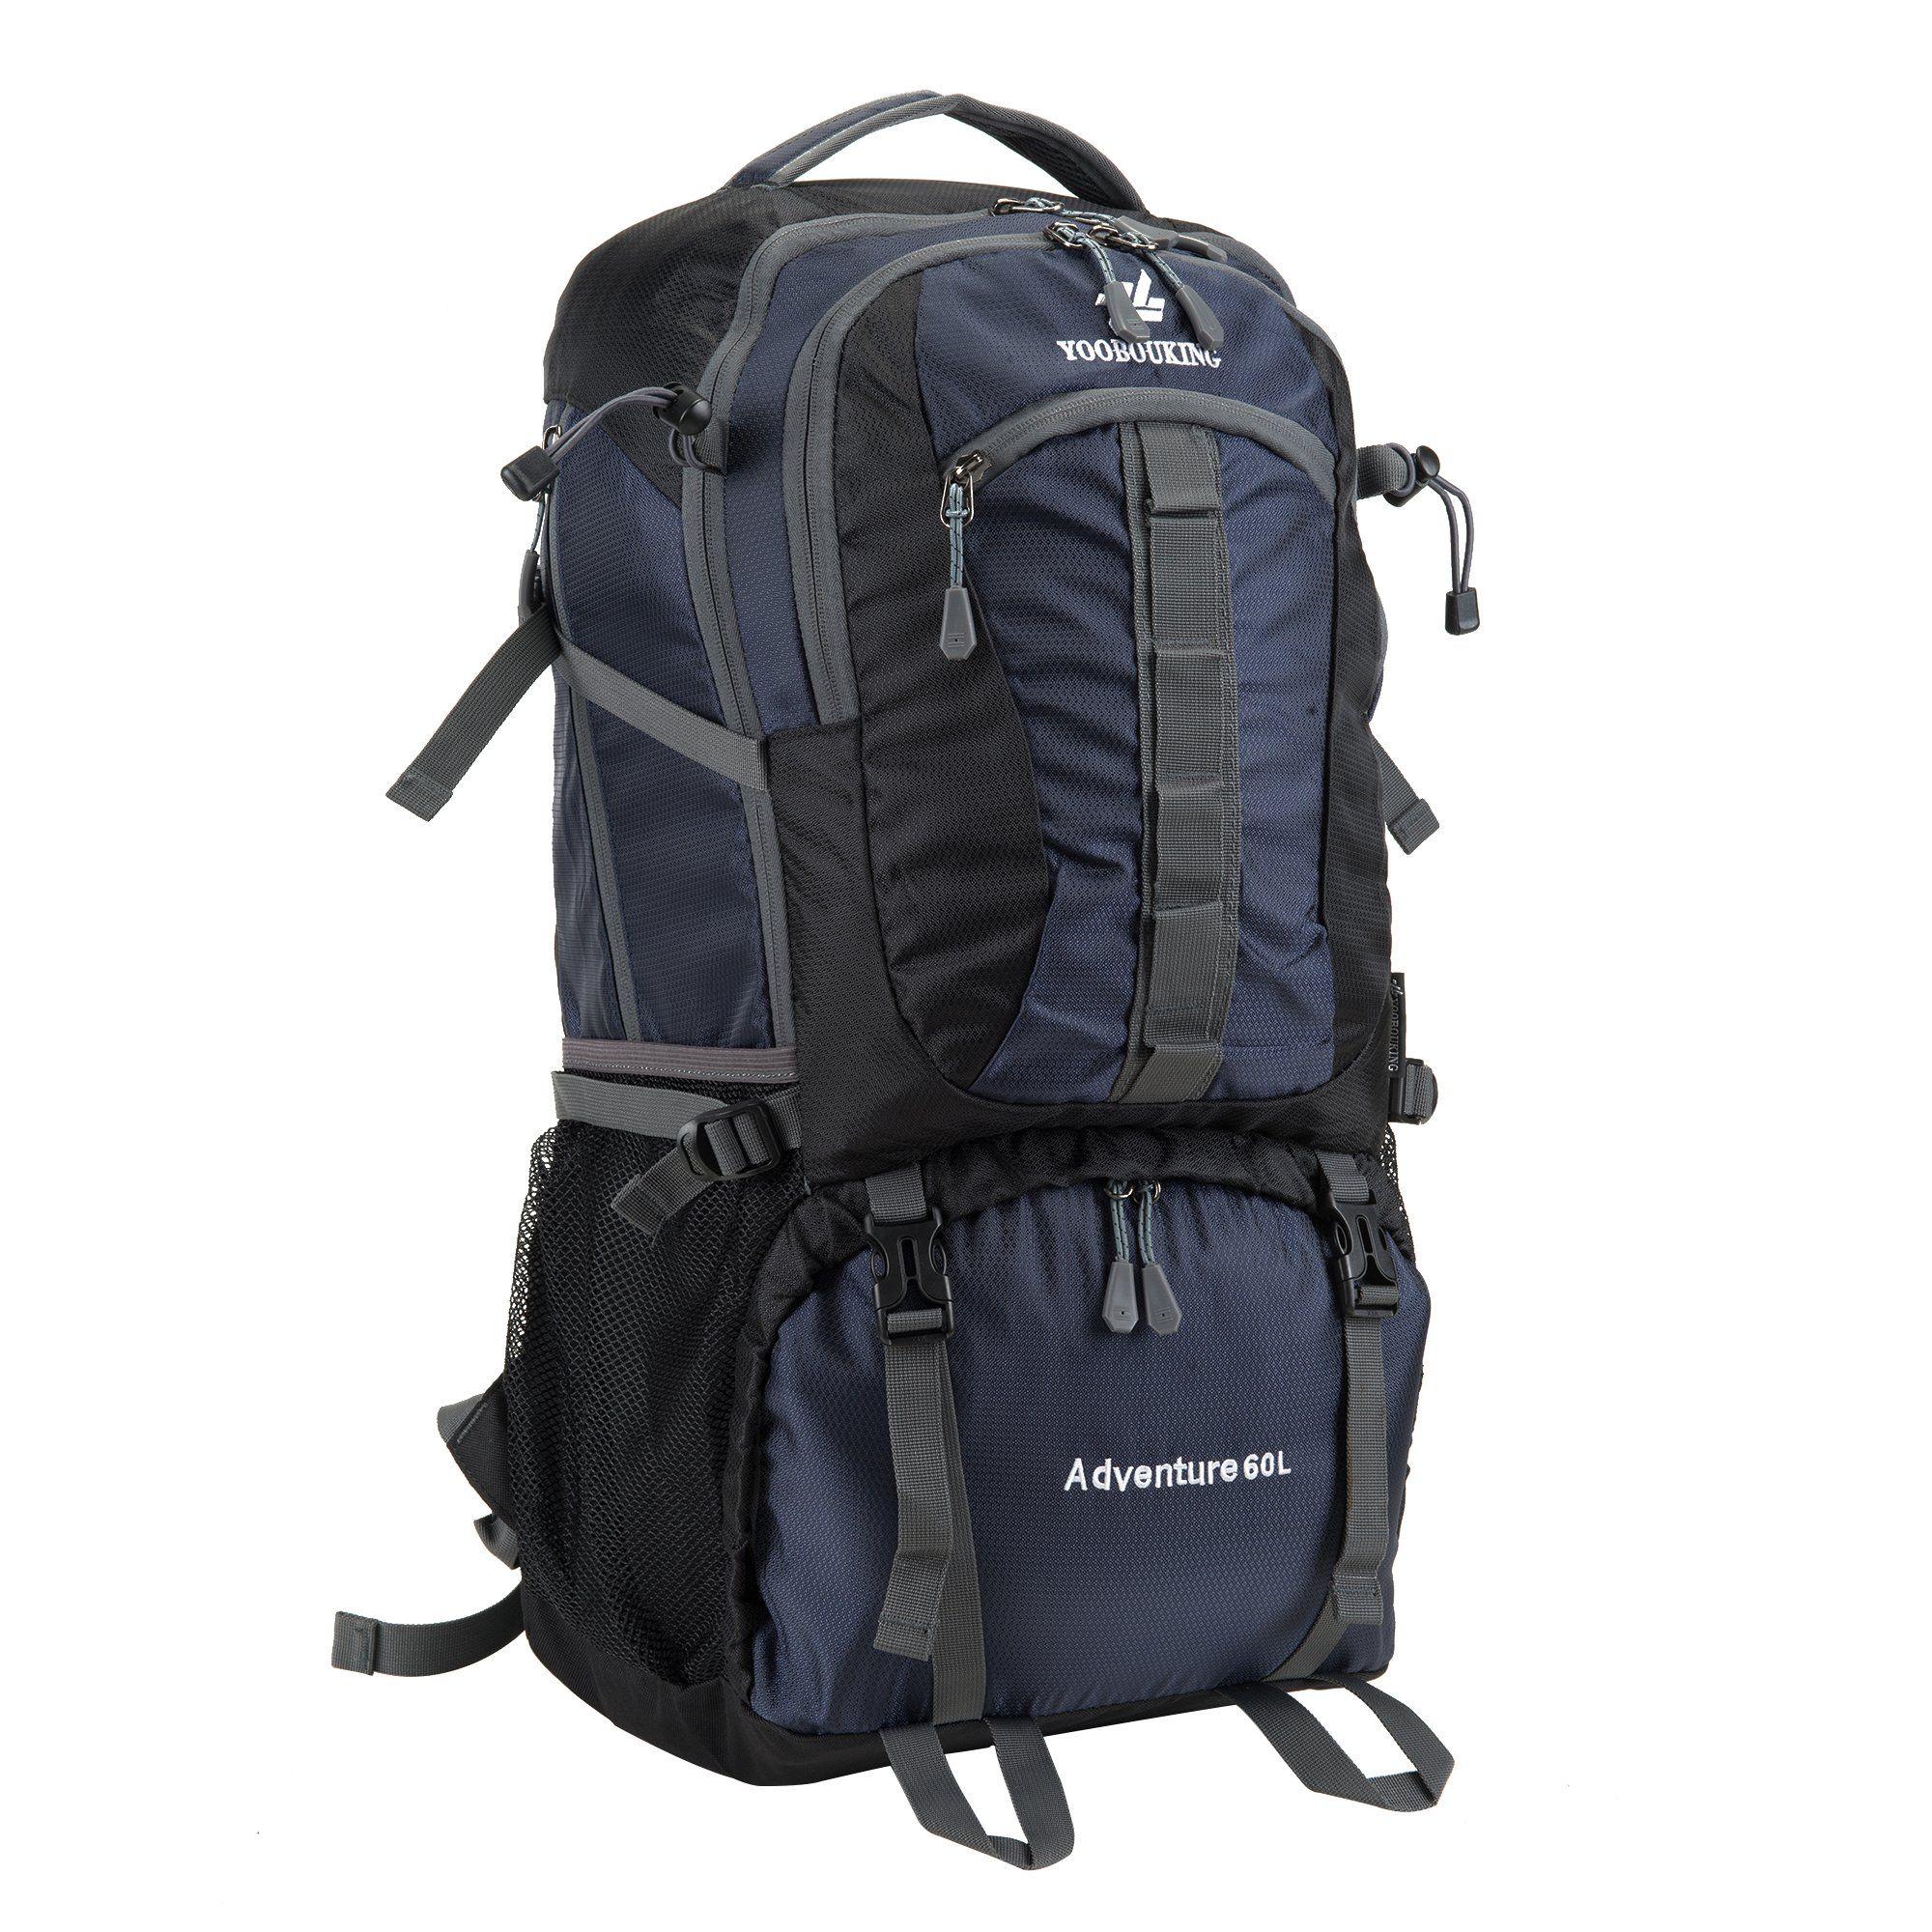 55-60 Travel Backpack Hiking Daypack Trekking Backpack Waterproof ...